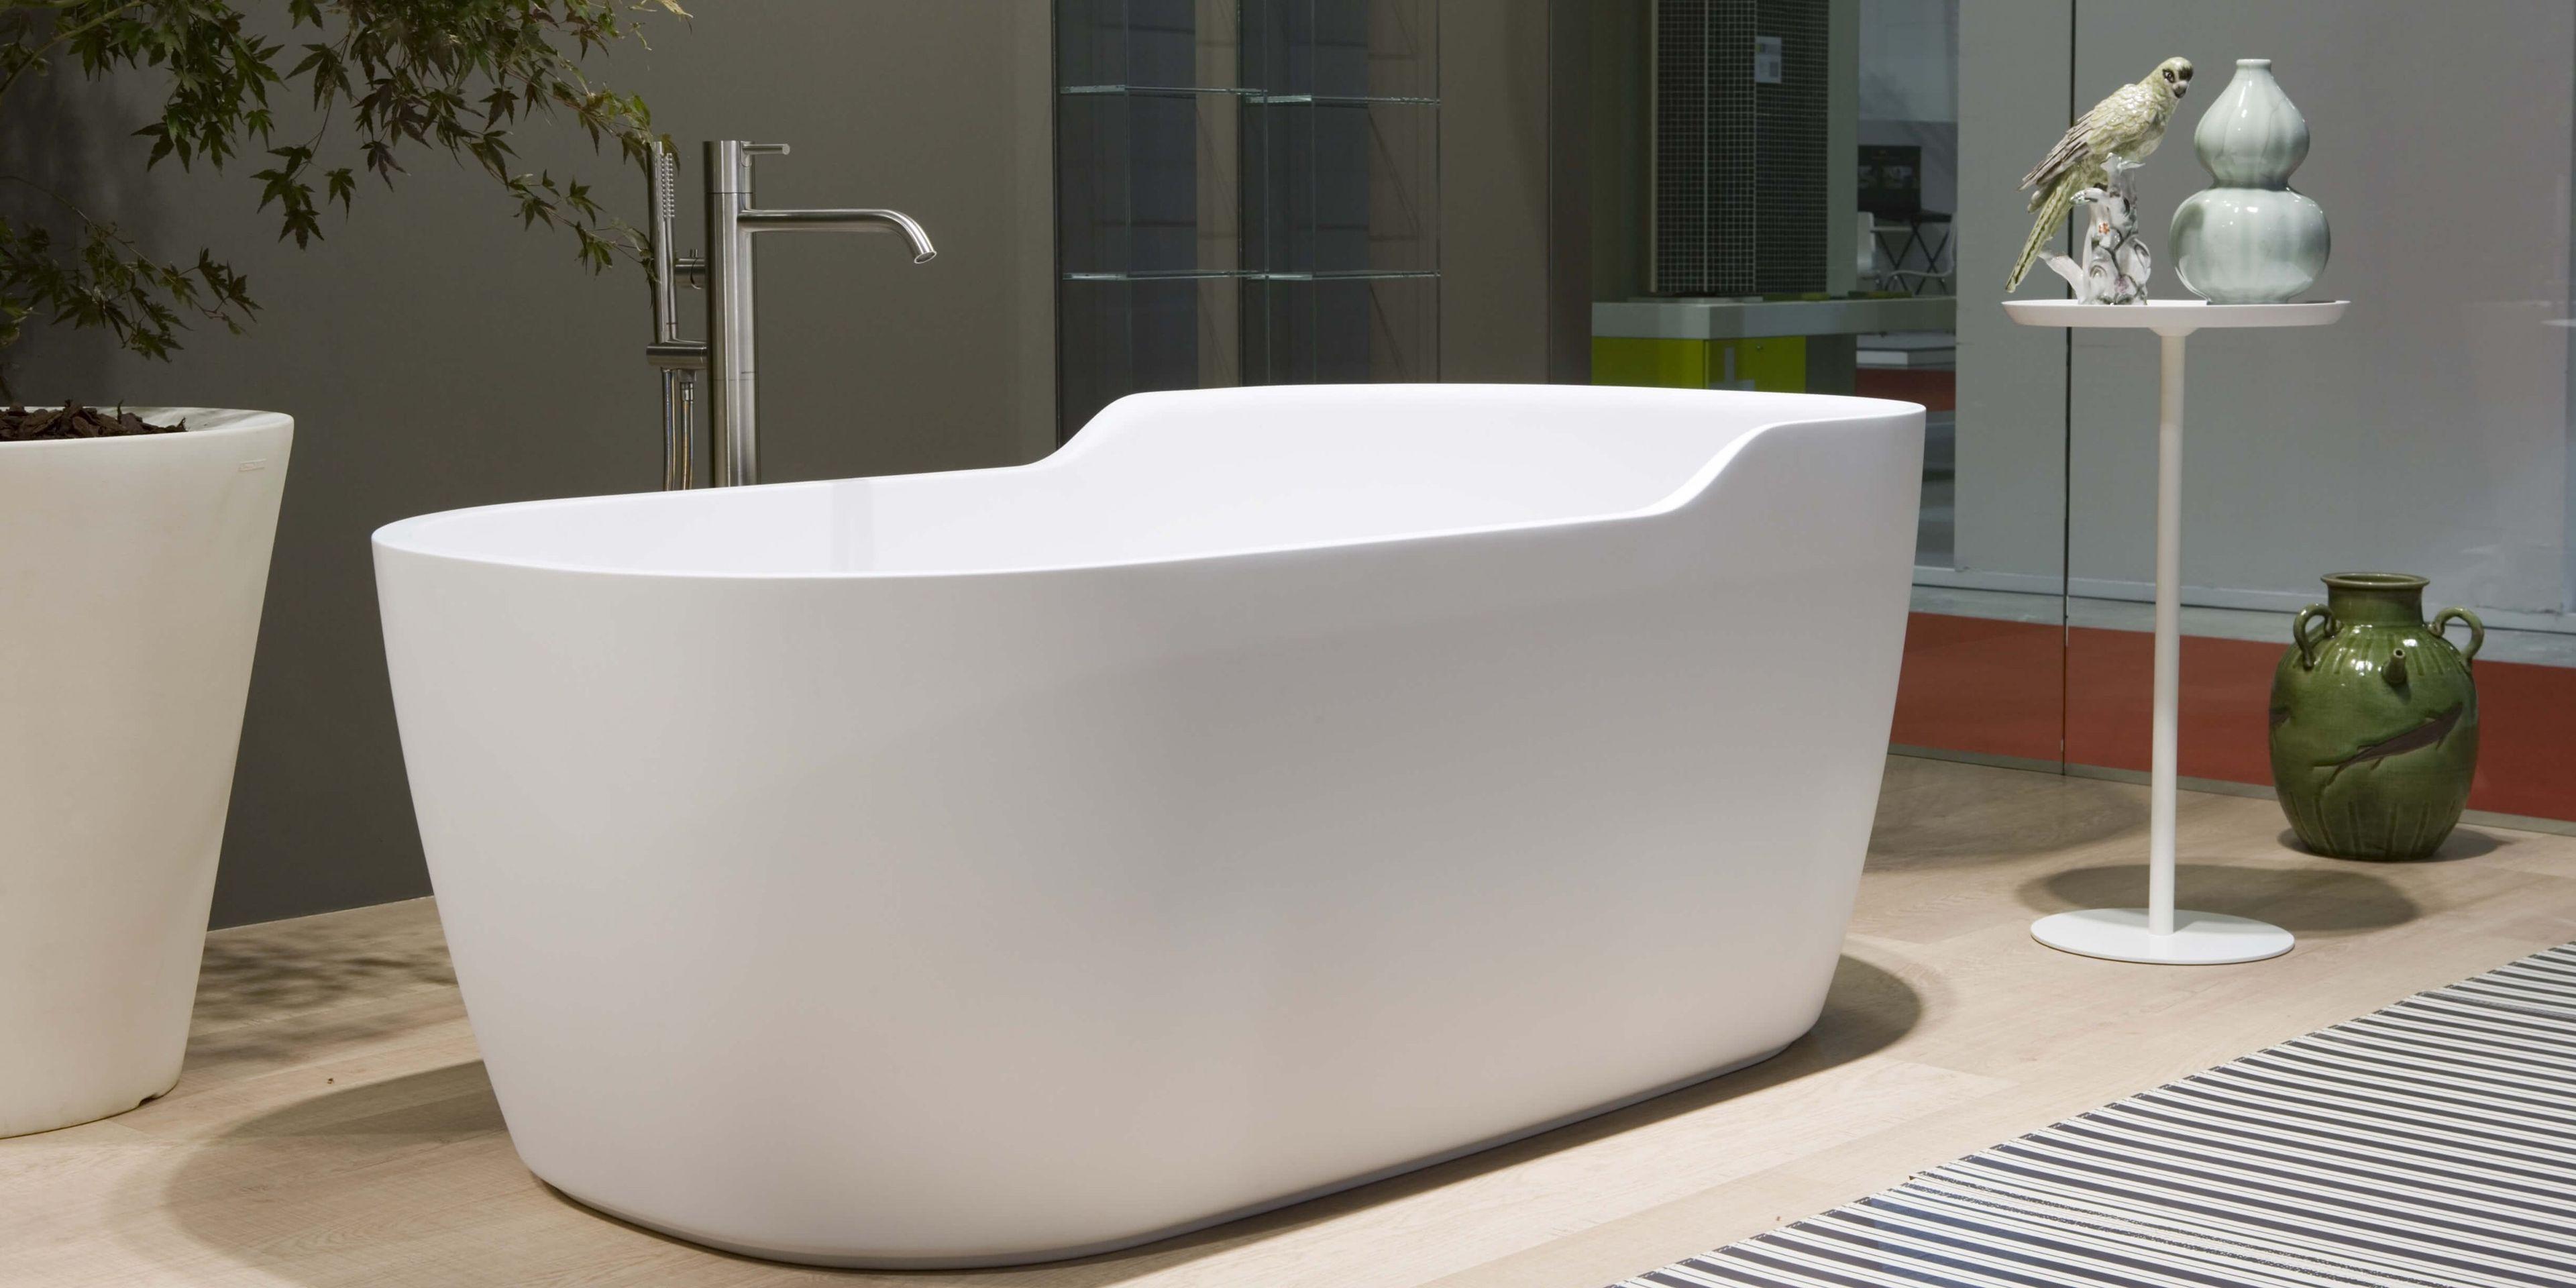 funny west by antonio lupi design design federico sandri paolo cappello. Black Bedroom Furniture Sets. Home Design Ideas